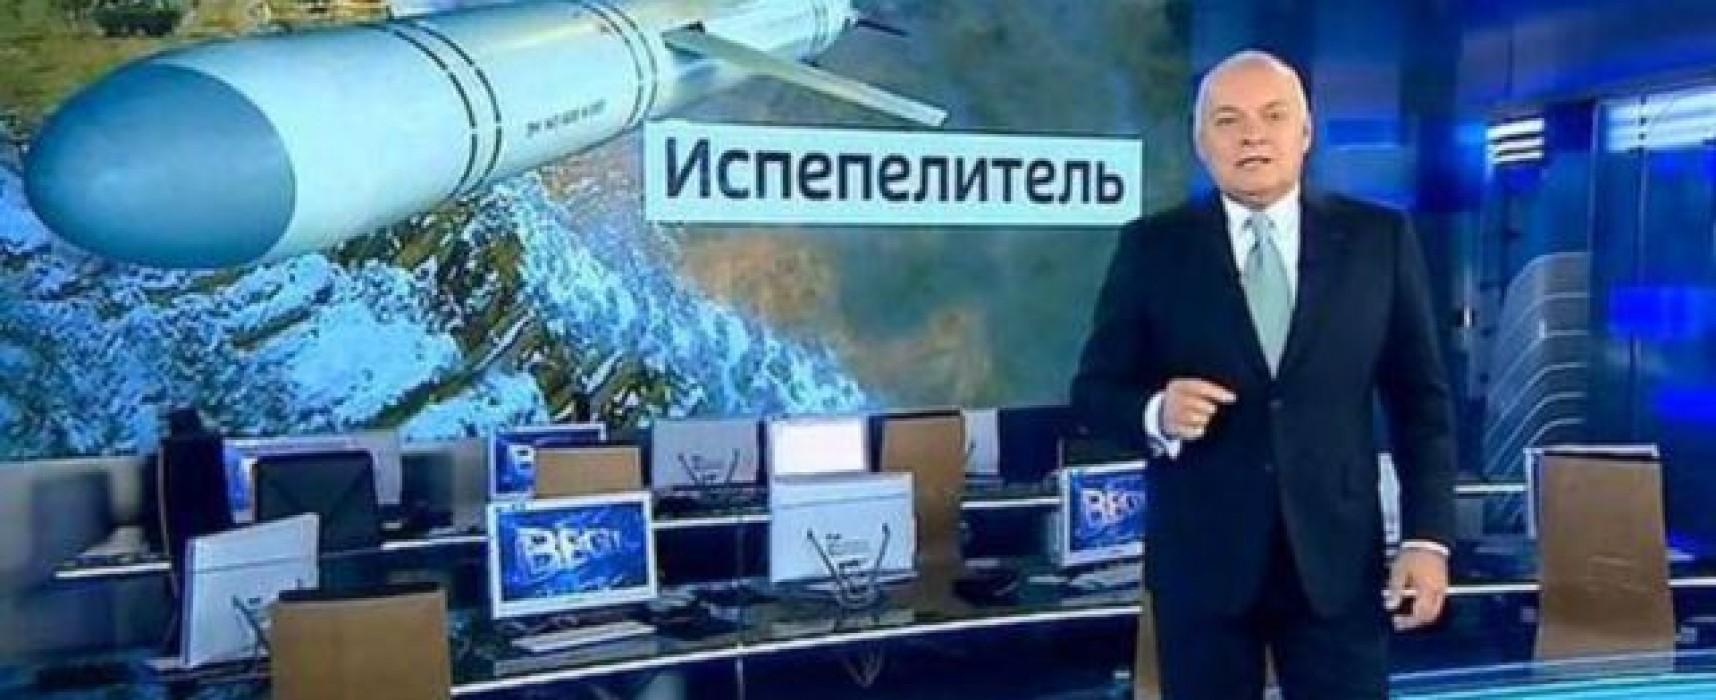 Смотреть ядерное порно 19 фотография